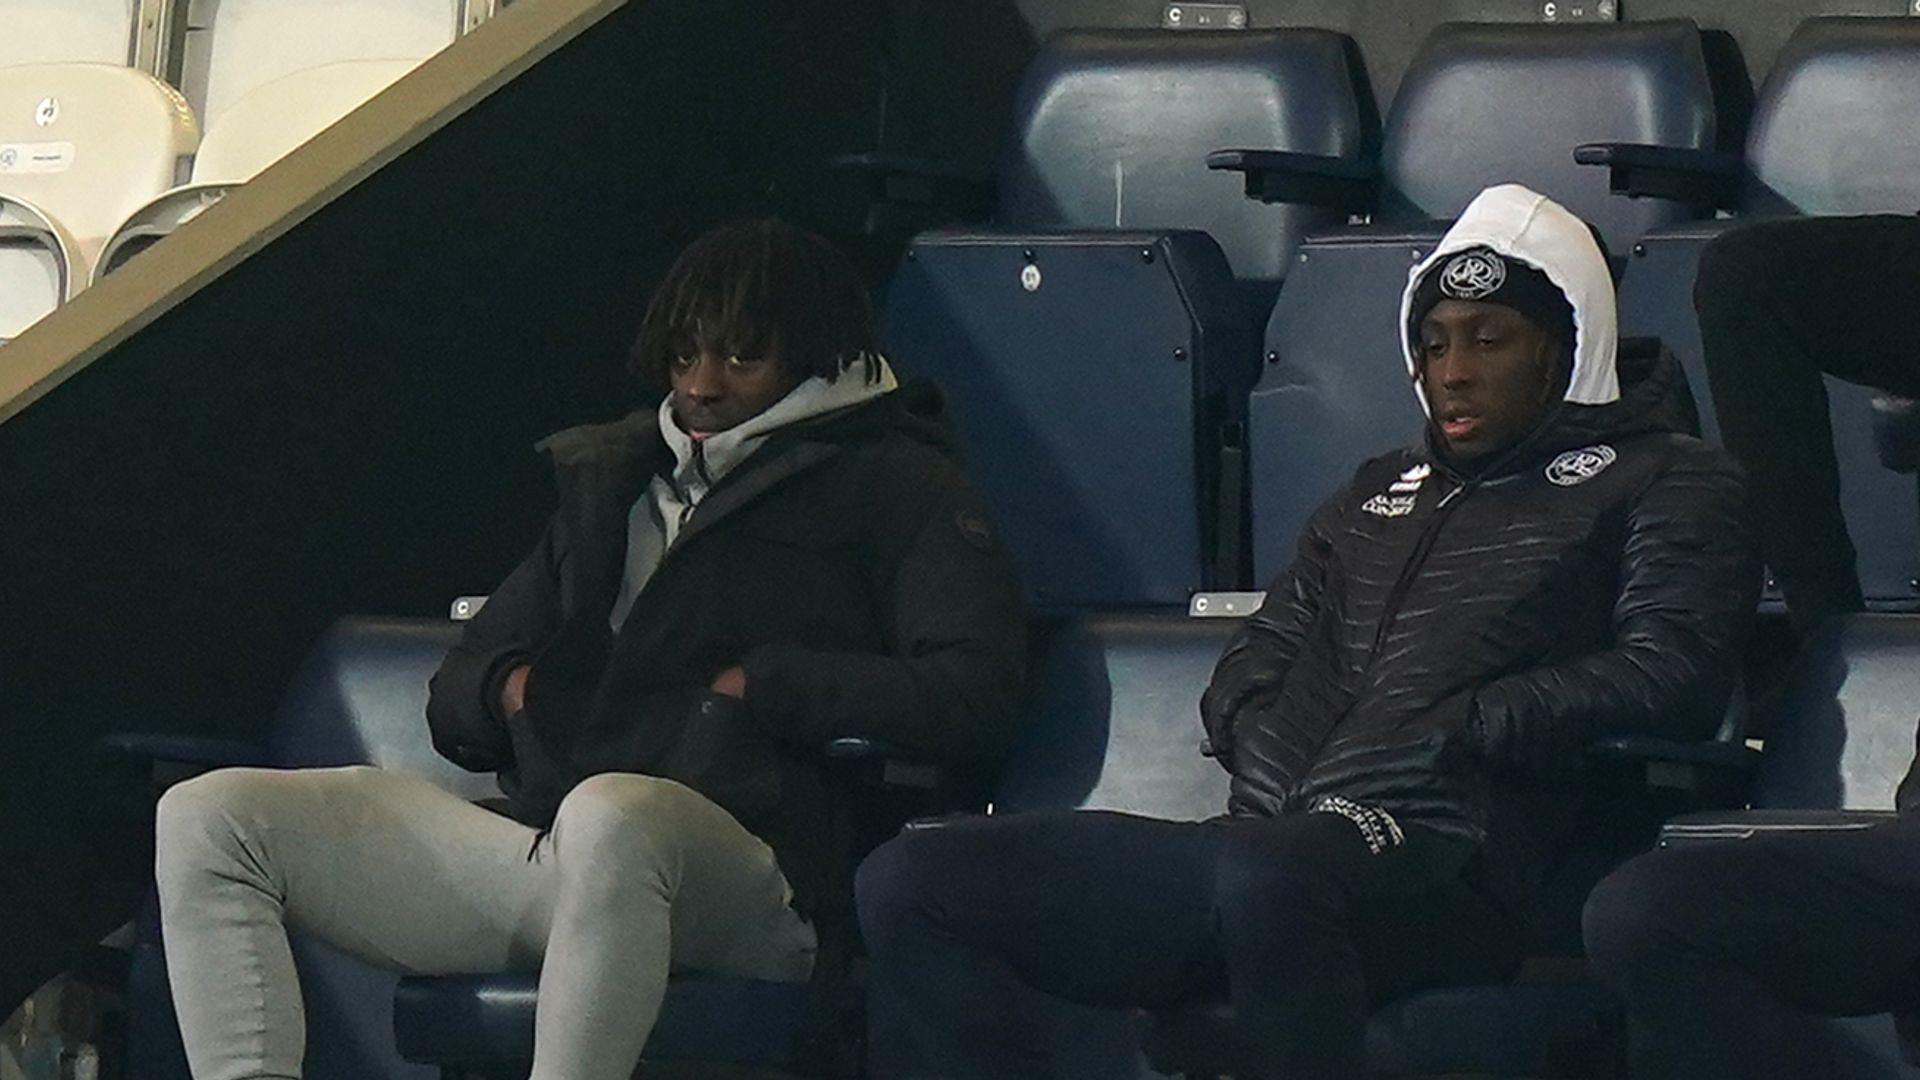 FA to probe Eze's attendance at QPR FA Cup tie